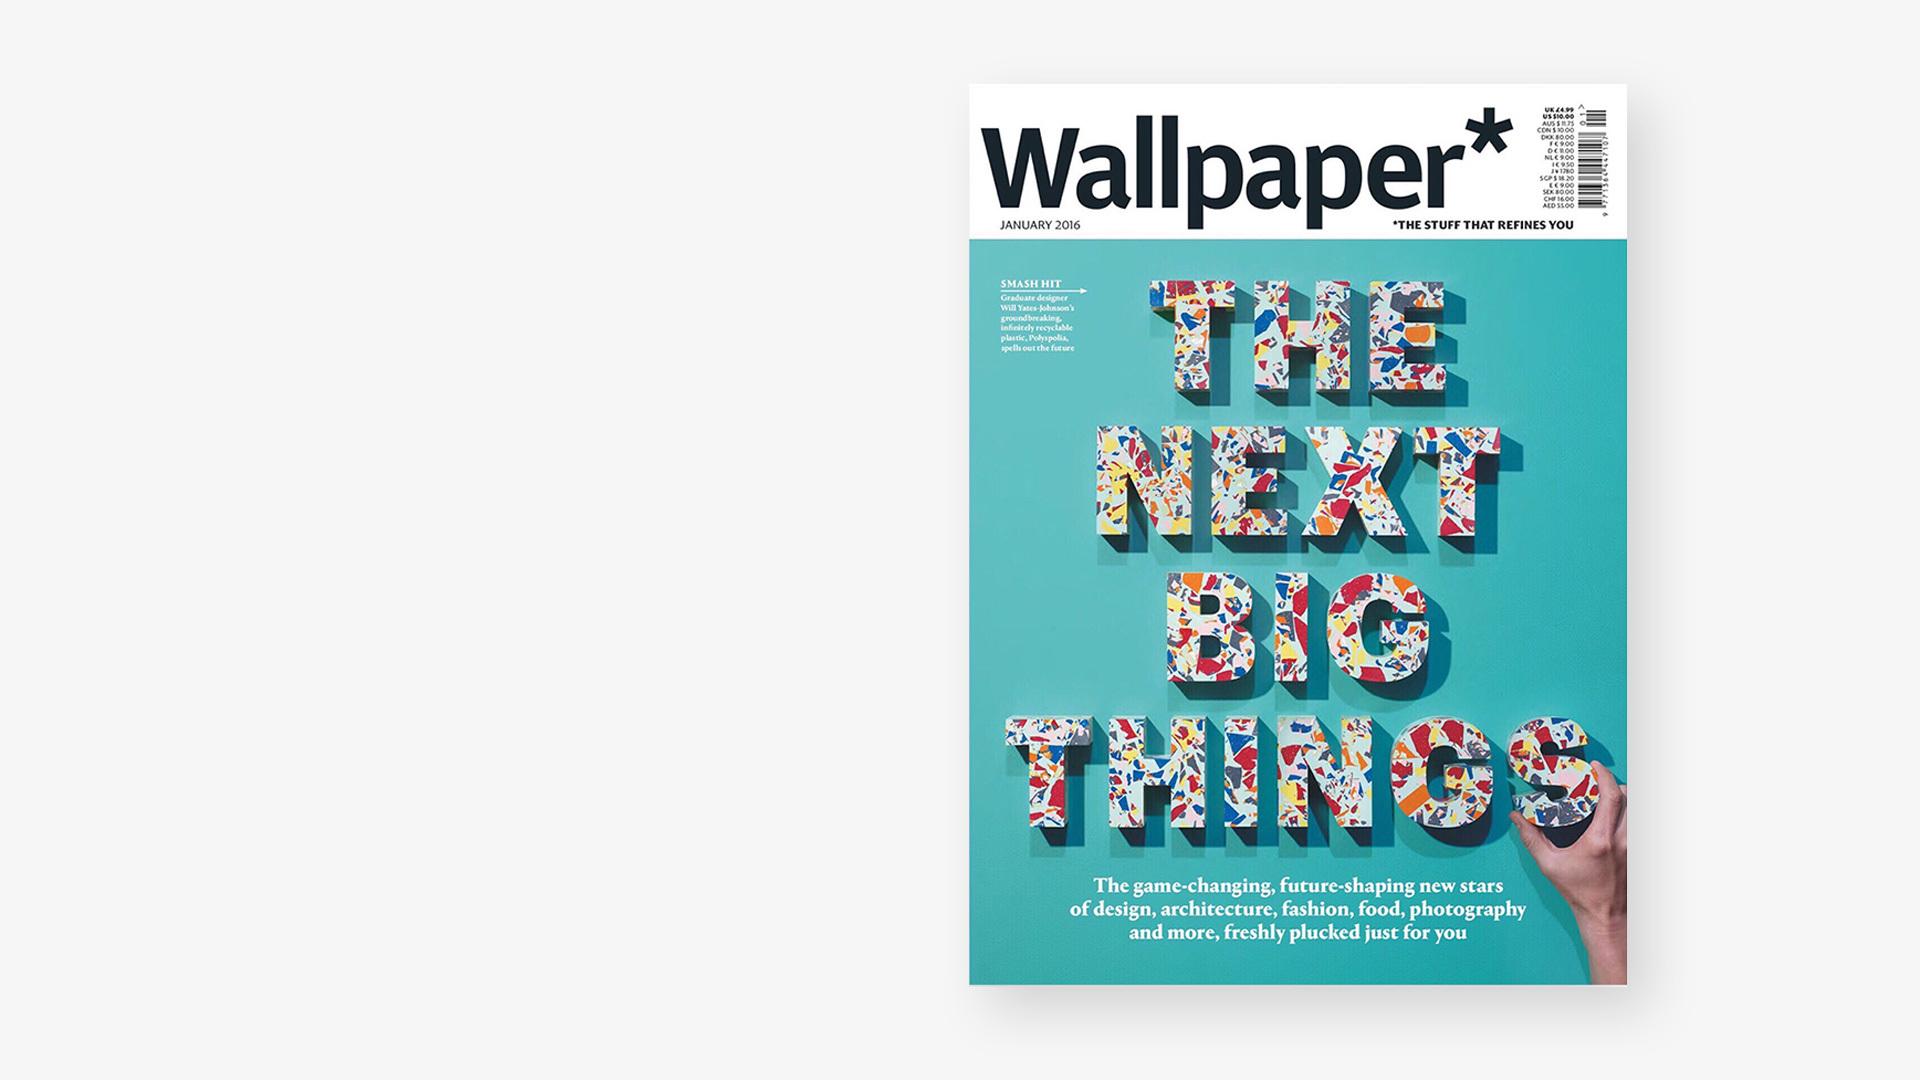 英国设计杂志<br/>Wallpaper*专题报道